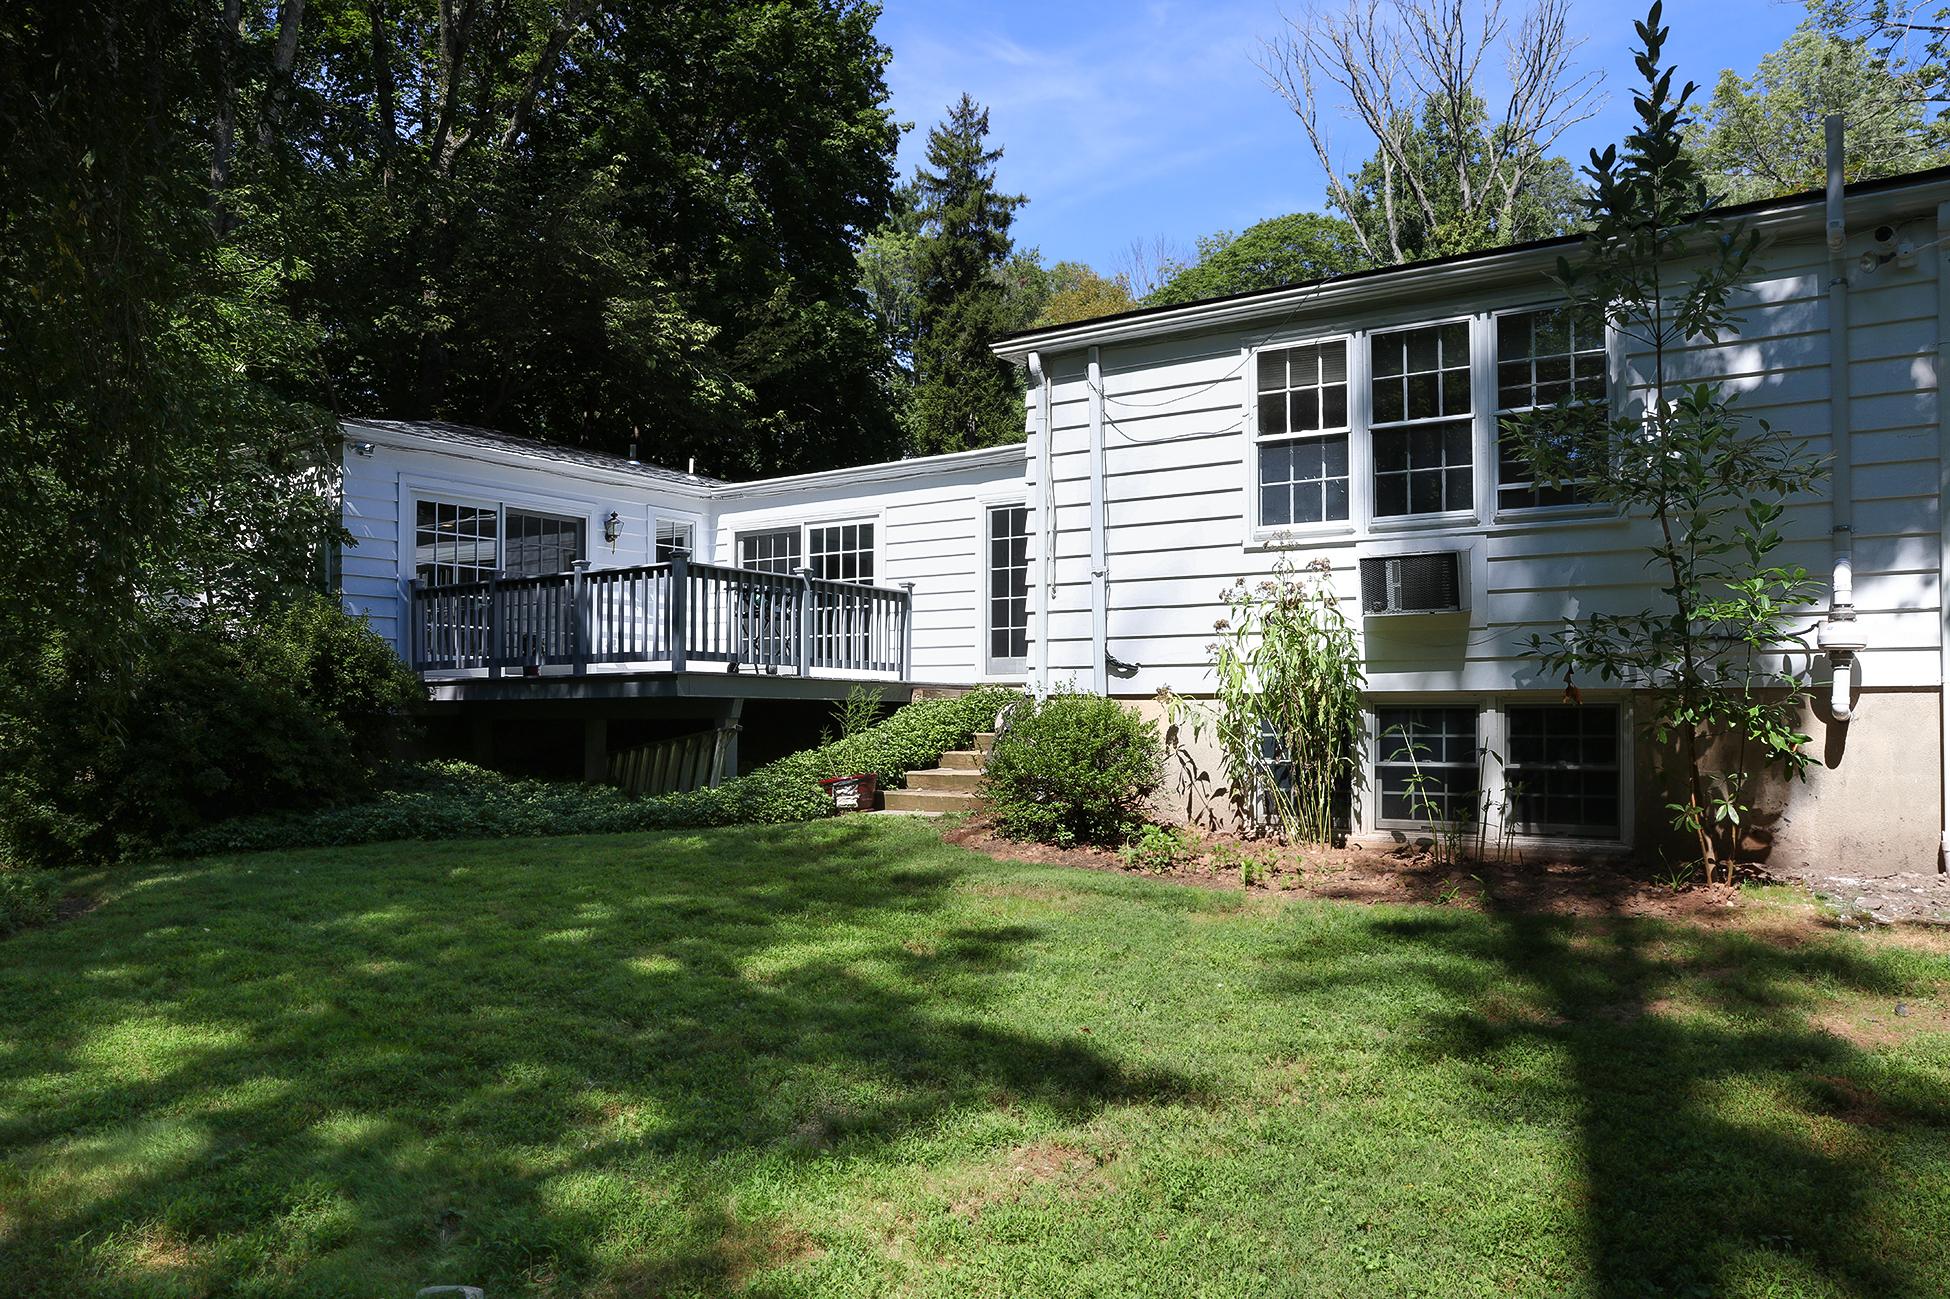 Частный односемейный дом для того Продажа на Low Impact Design, High Style 106 Winant Road Princeton, Нью-Джерси, 08540 Соединенные Штаты